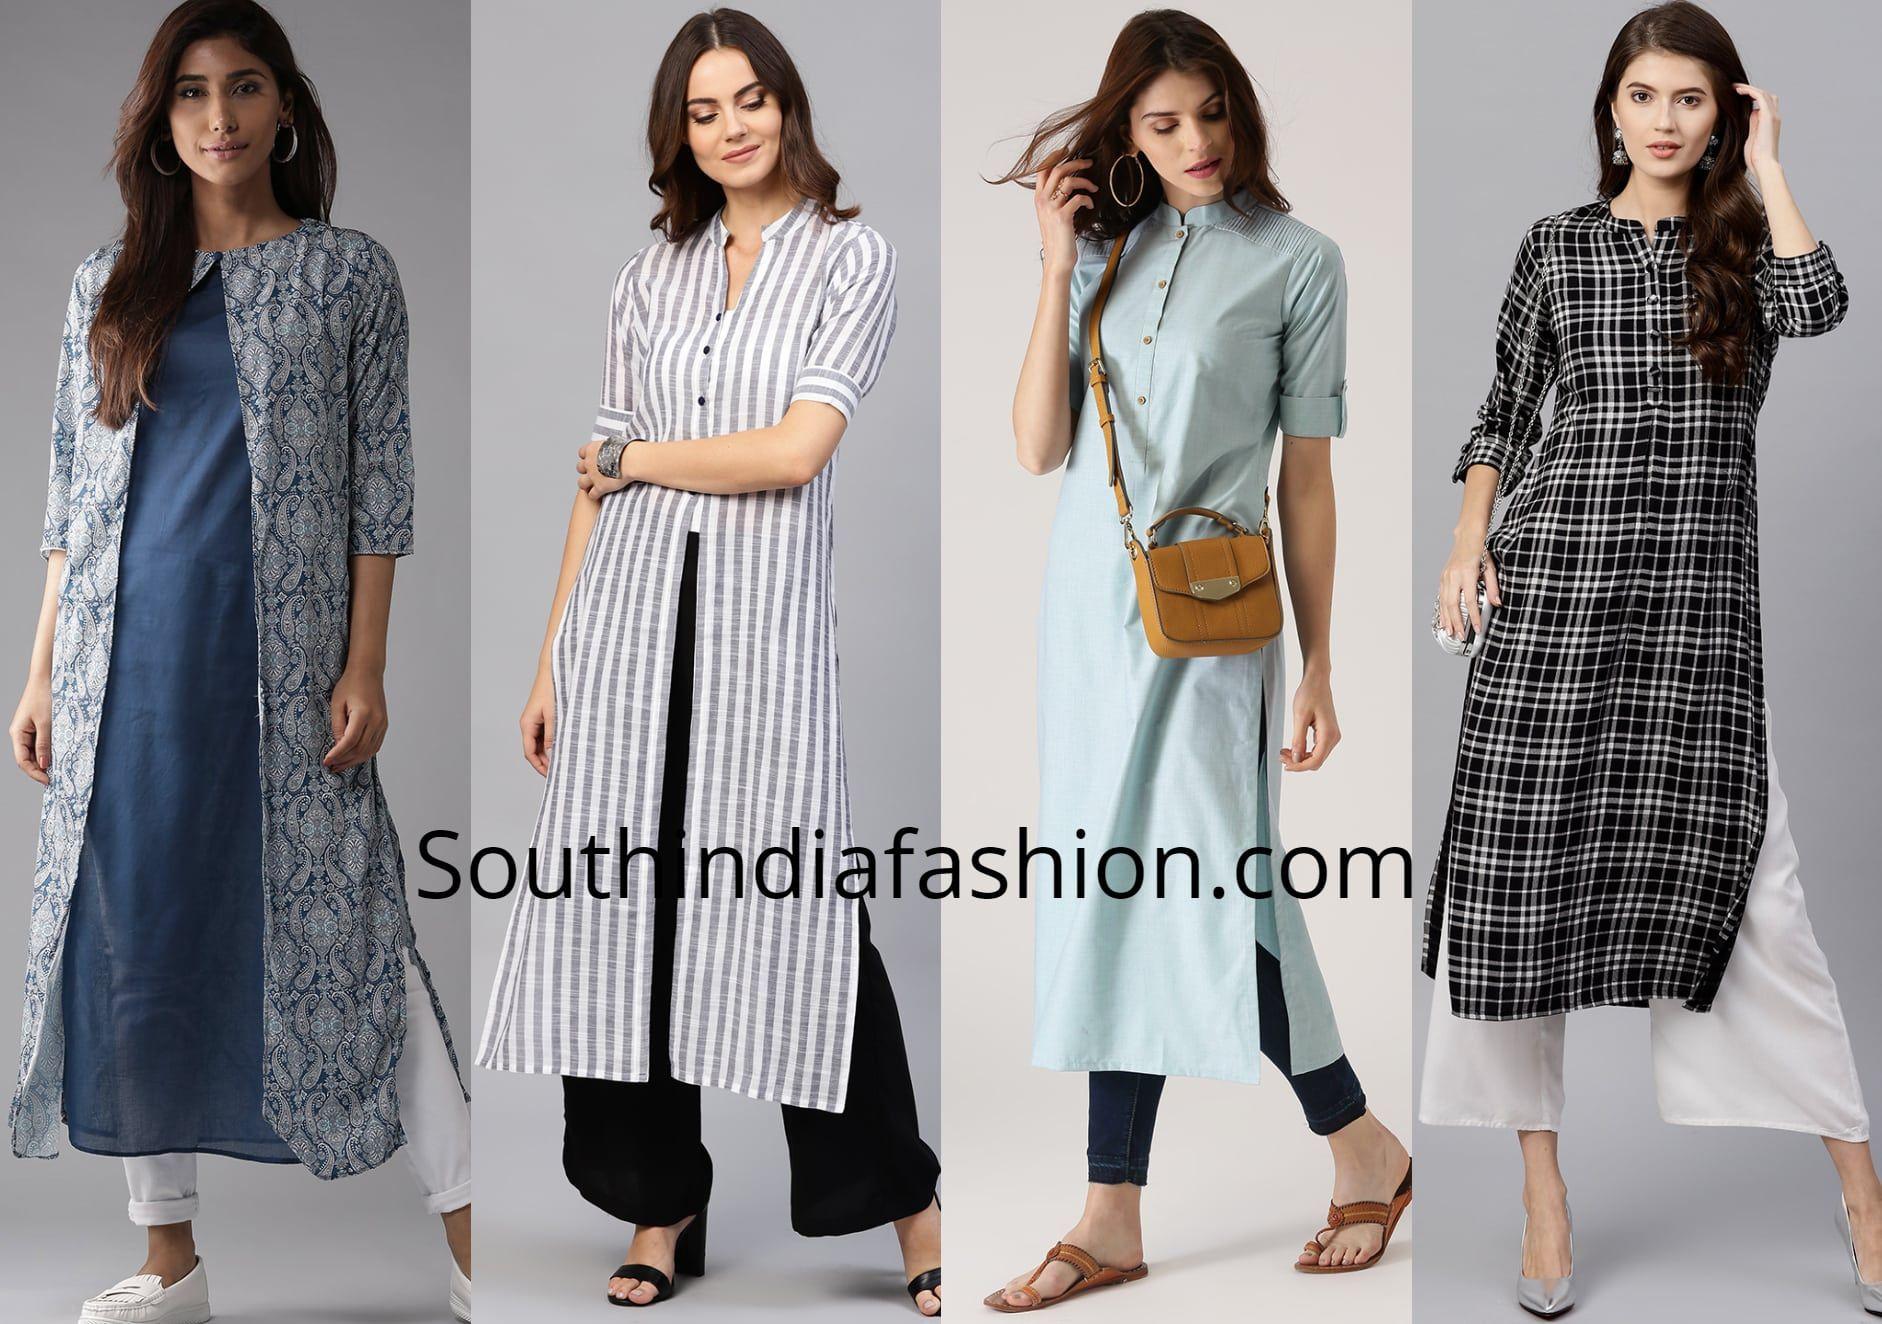 5 Stylish Office Wear Kurtis Stylish Office Wear Office Attire Women Formal Wear Women